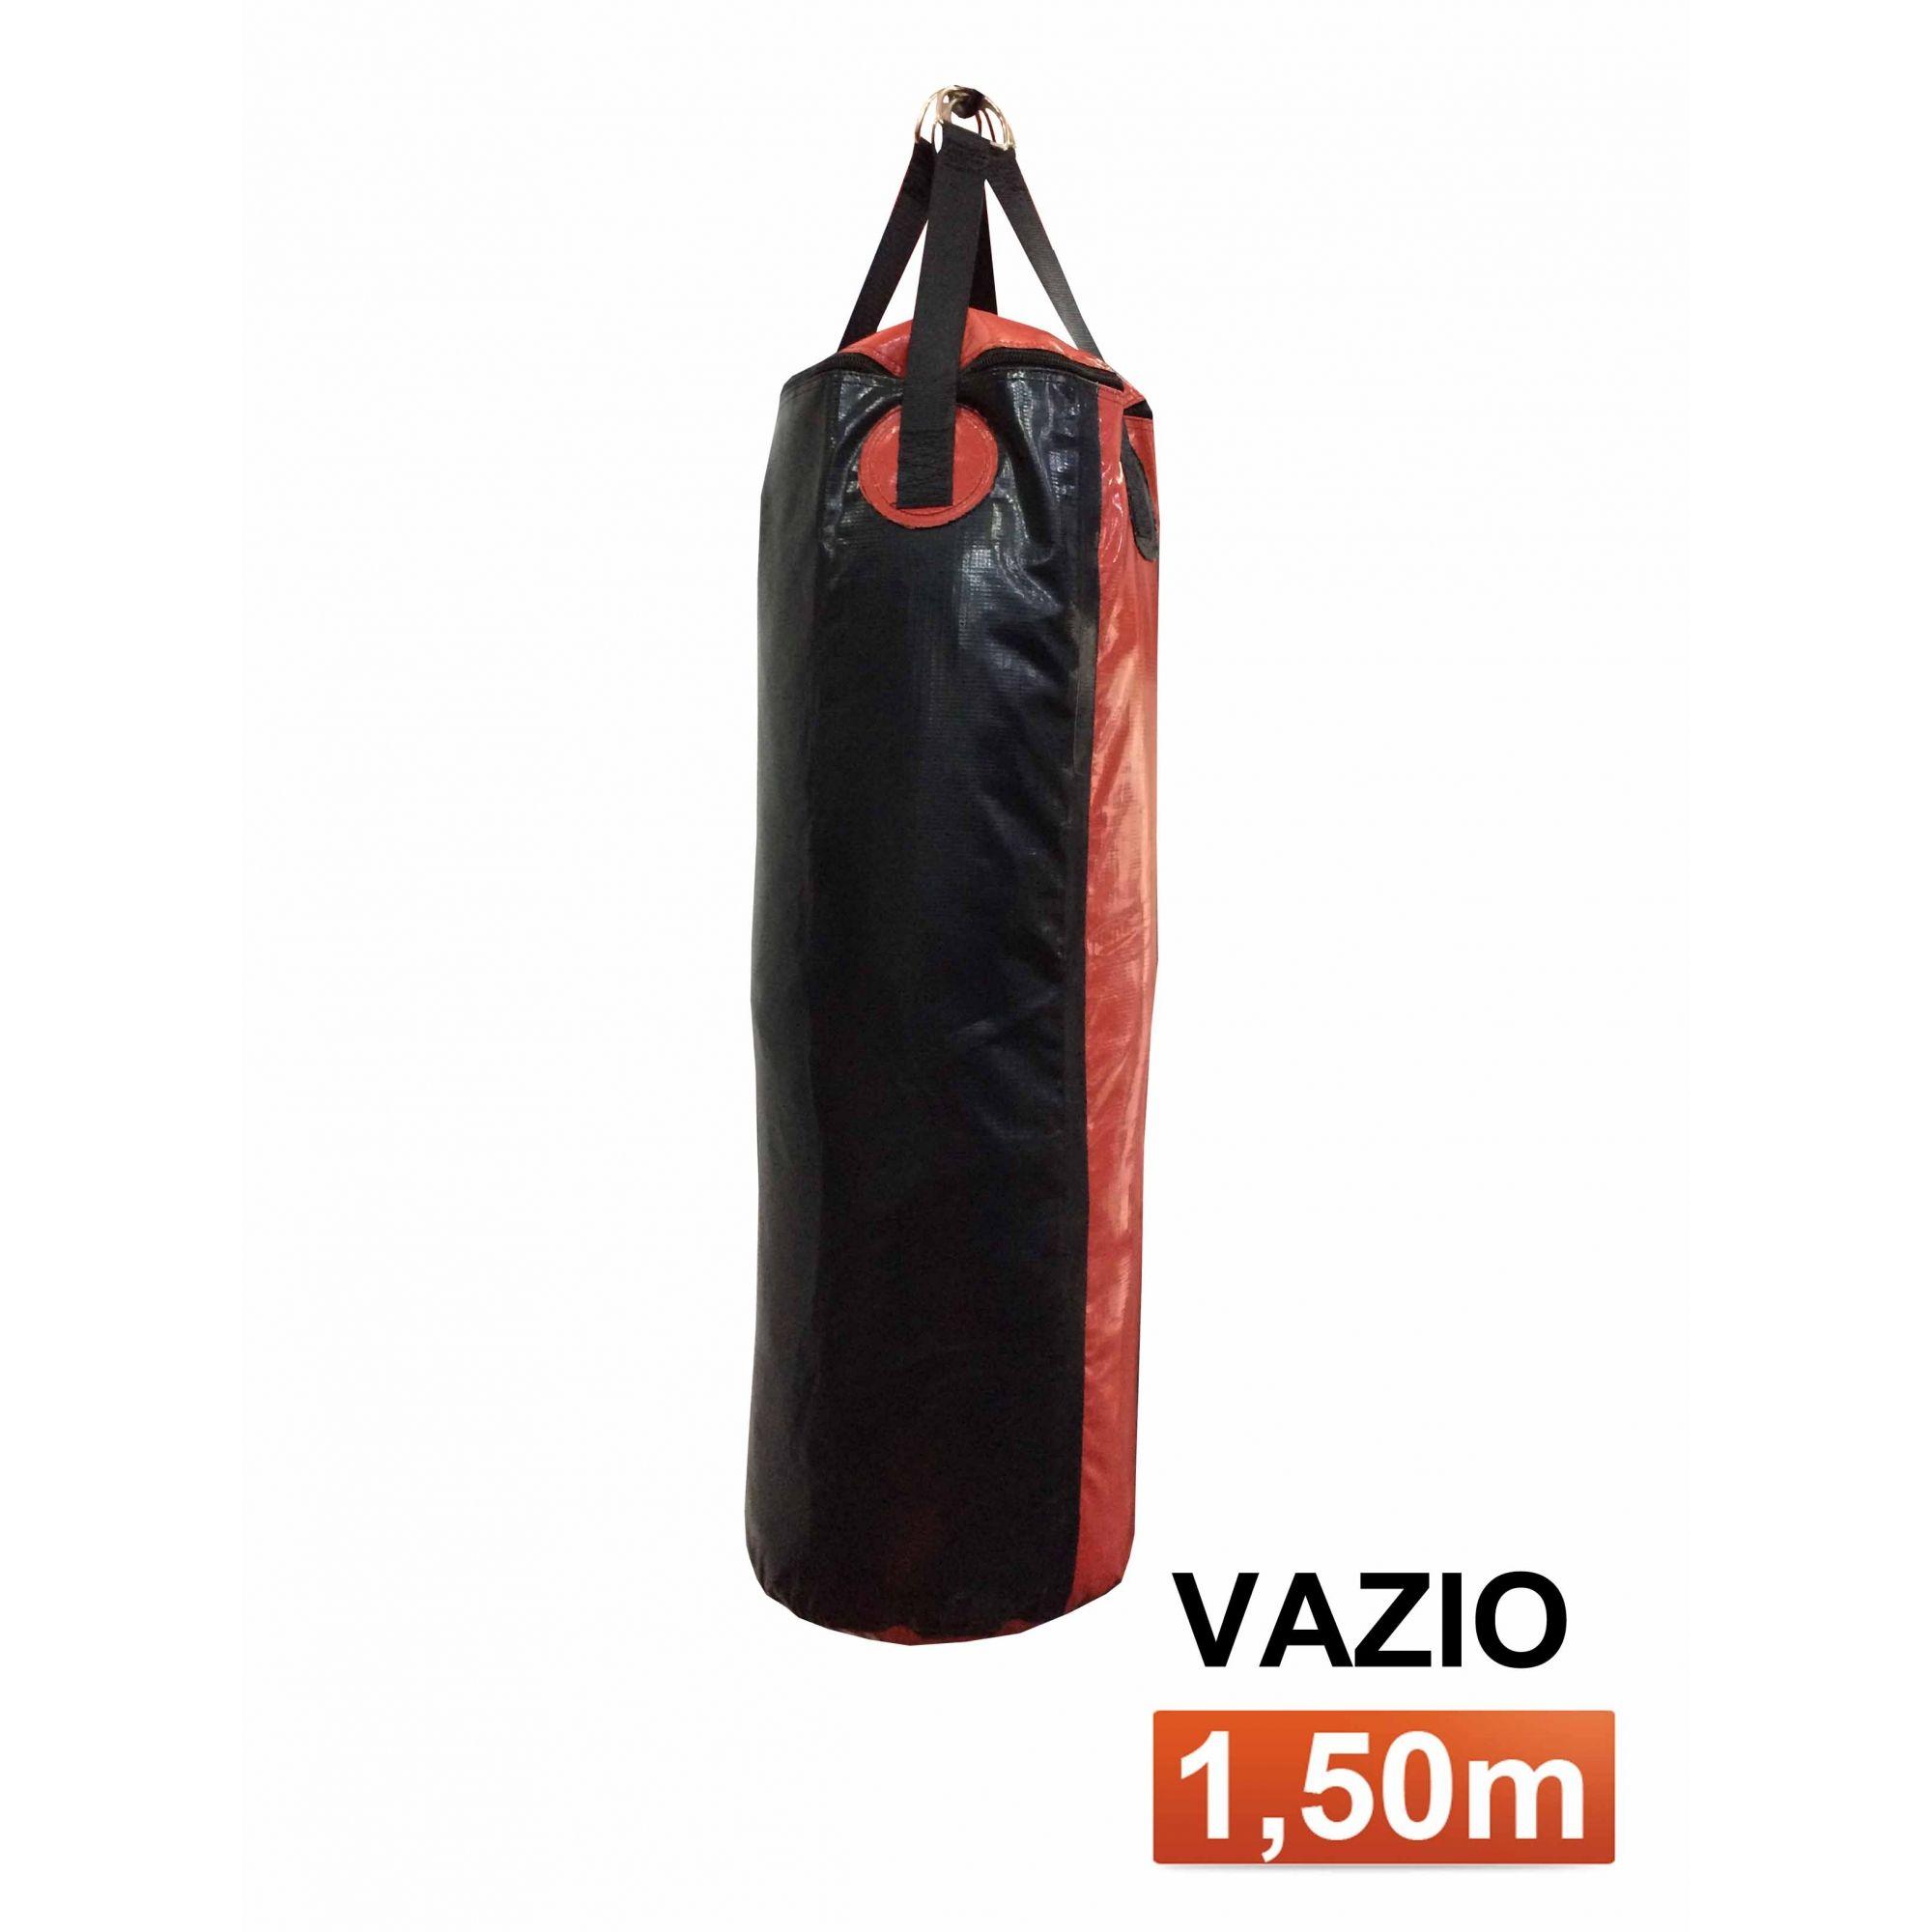 Saco de Pancadas - Lona Náutica - Vazio - 1,50m- Toriuk  - Loja do Competidor